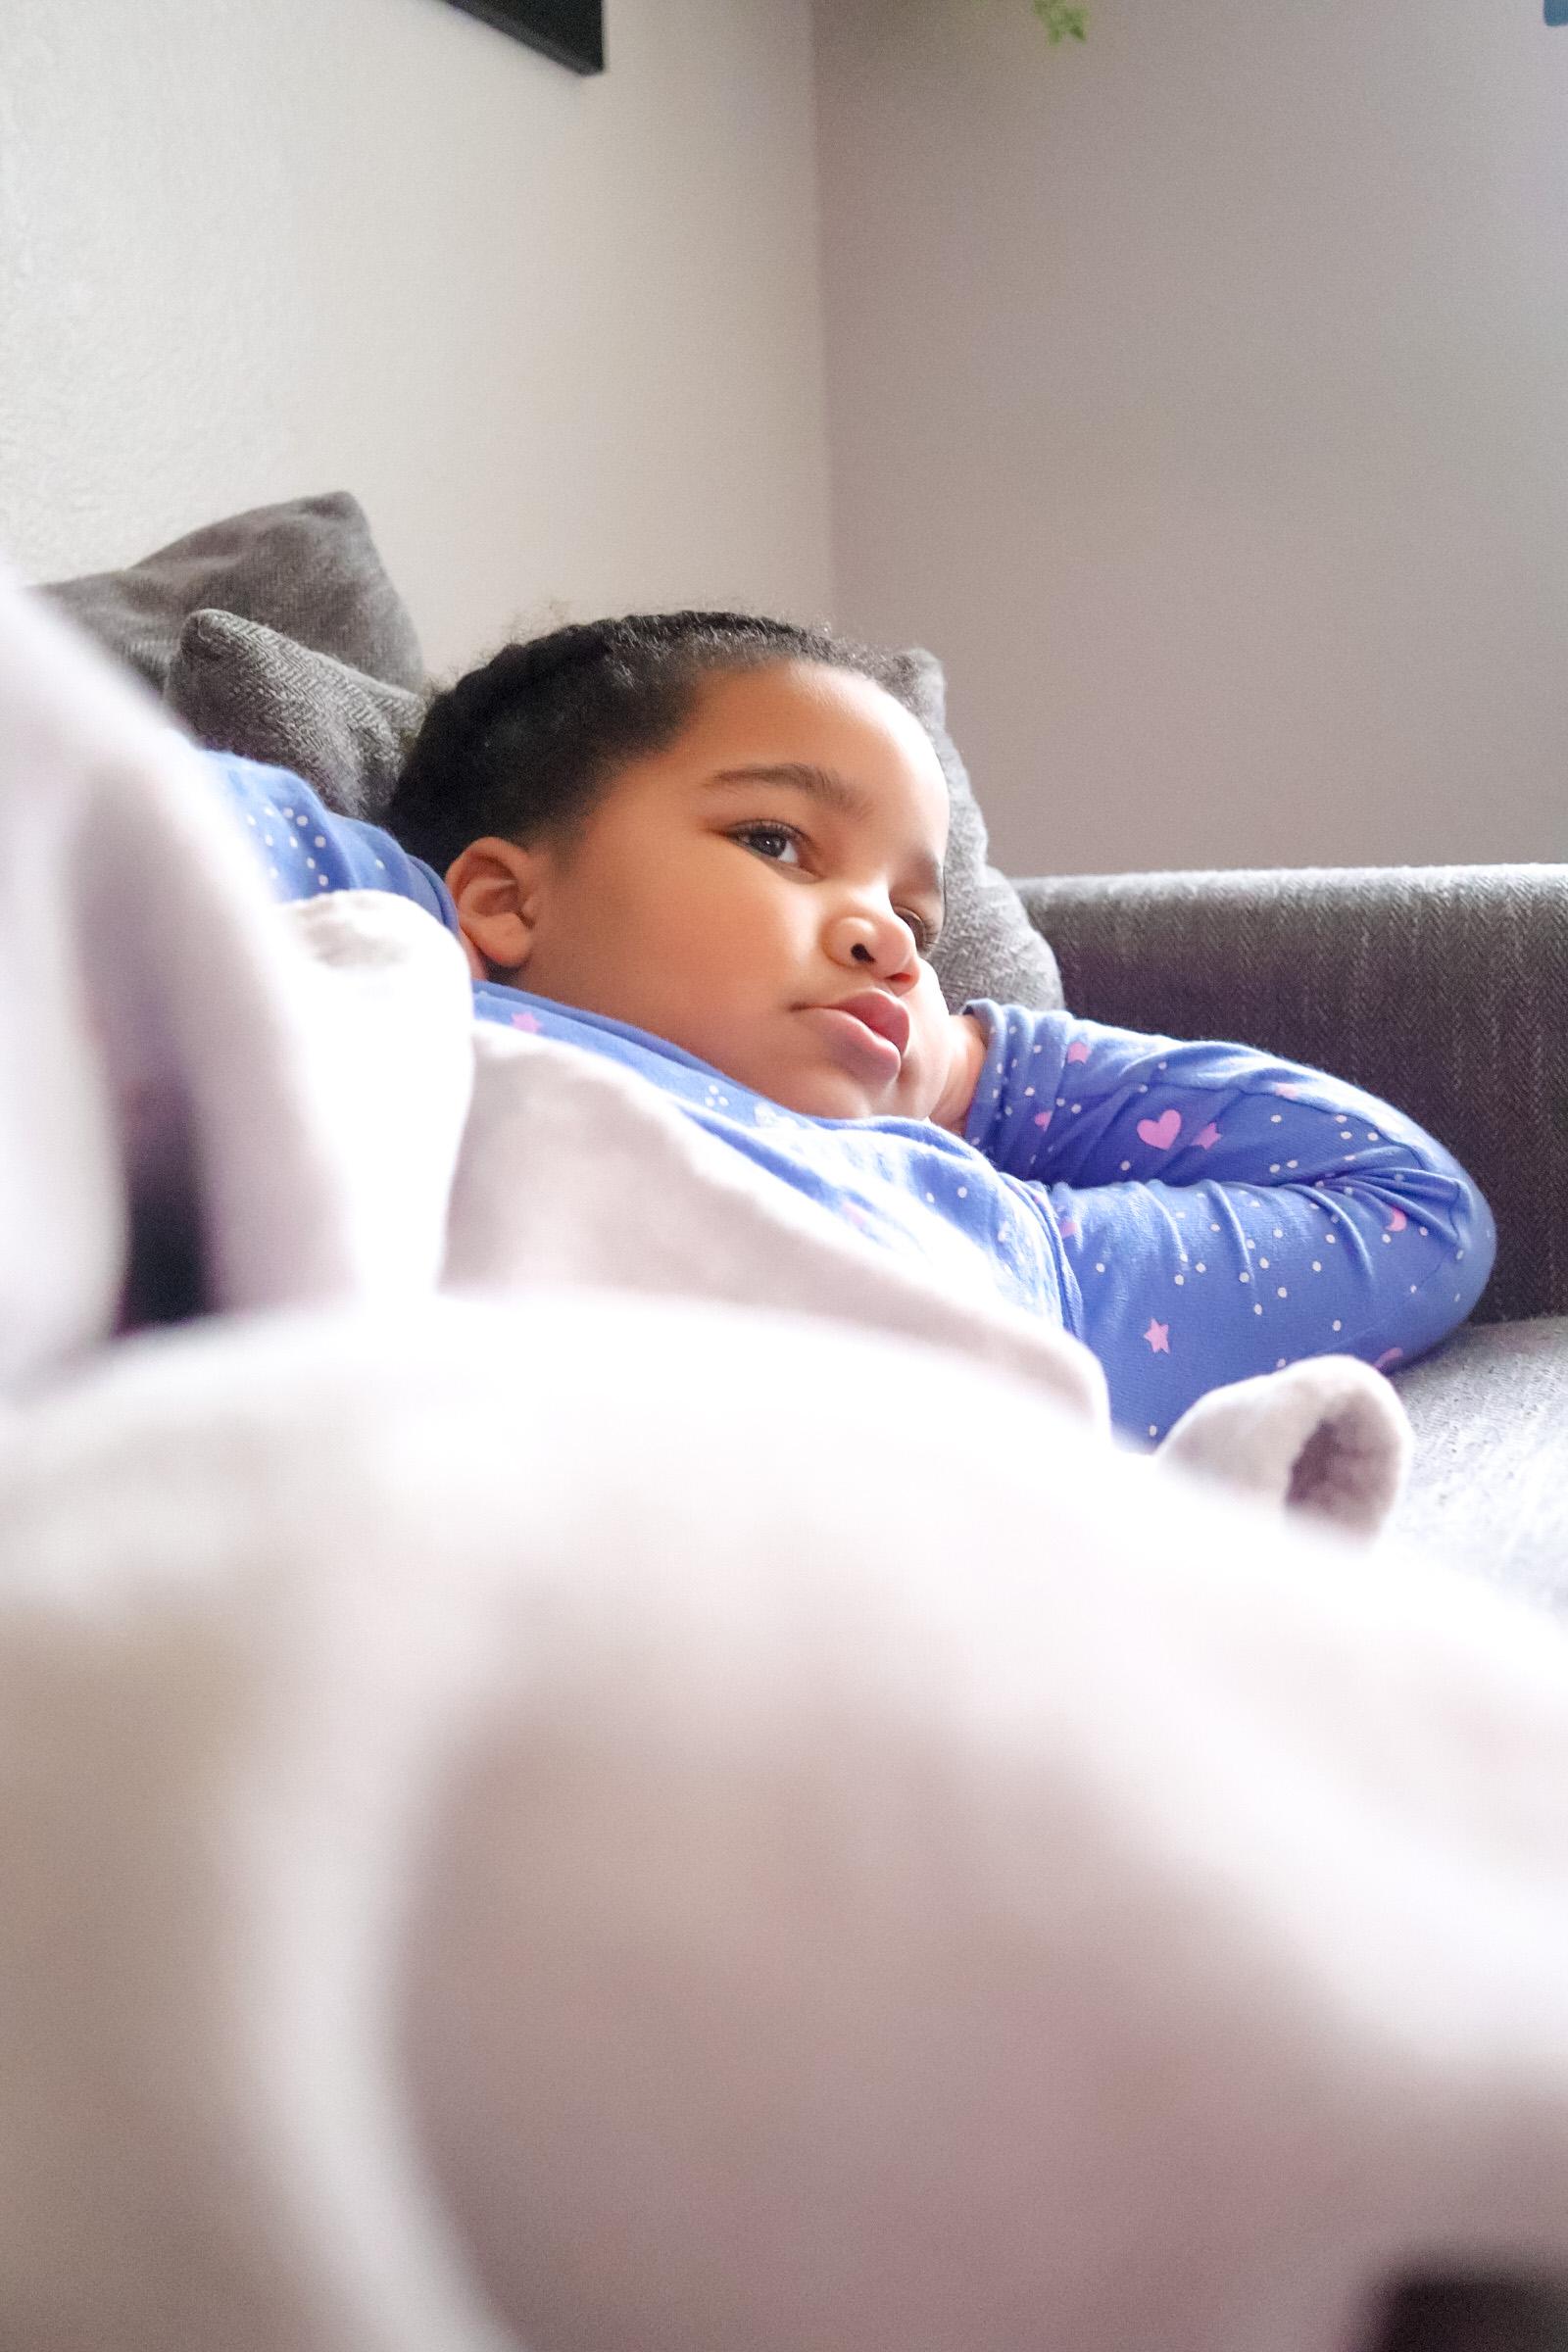 Pediatric Influenza